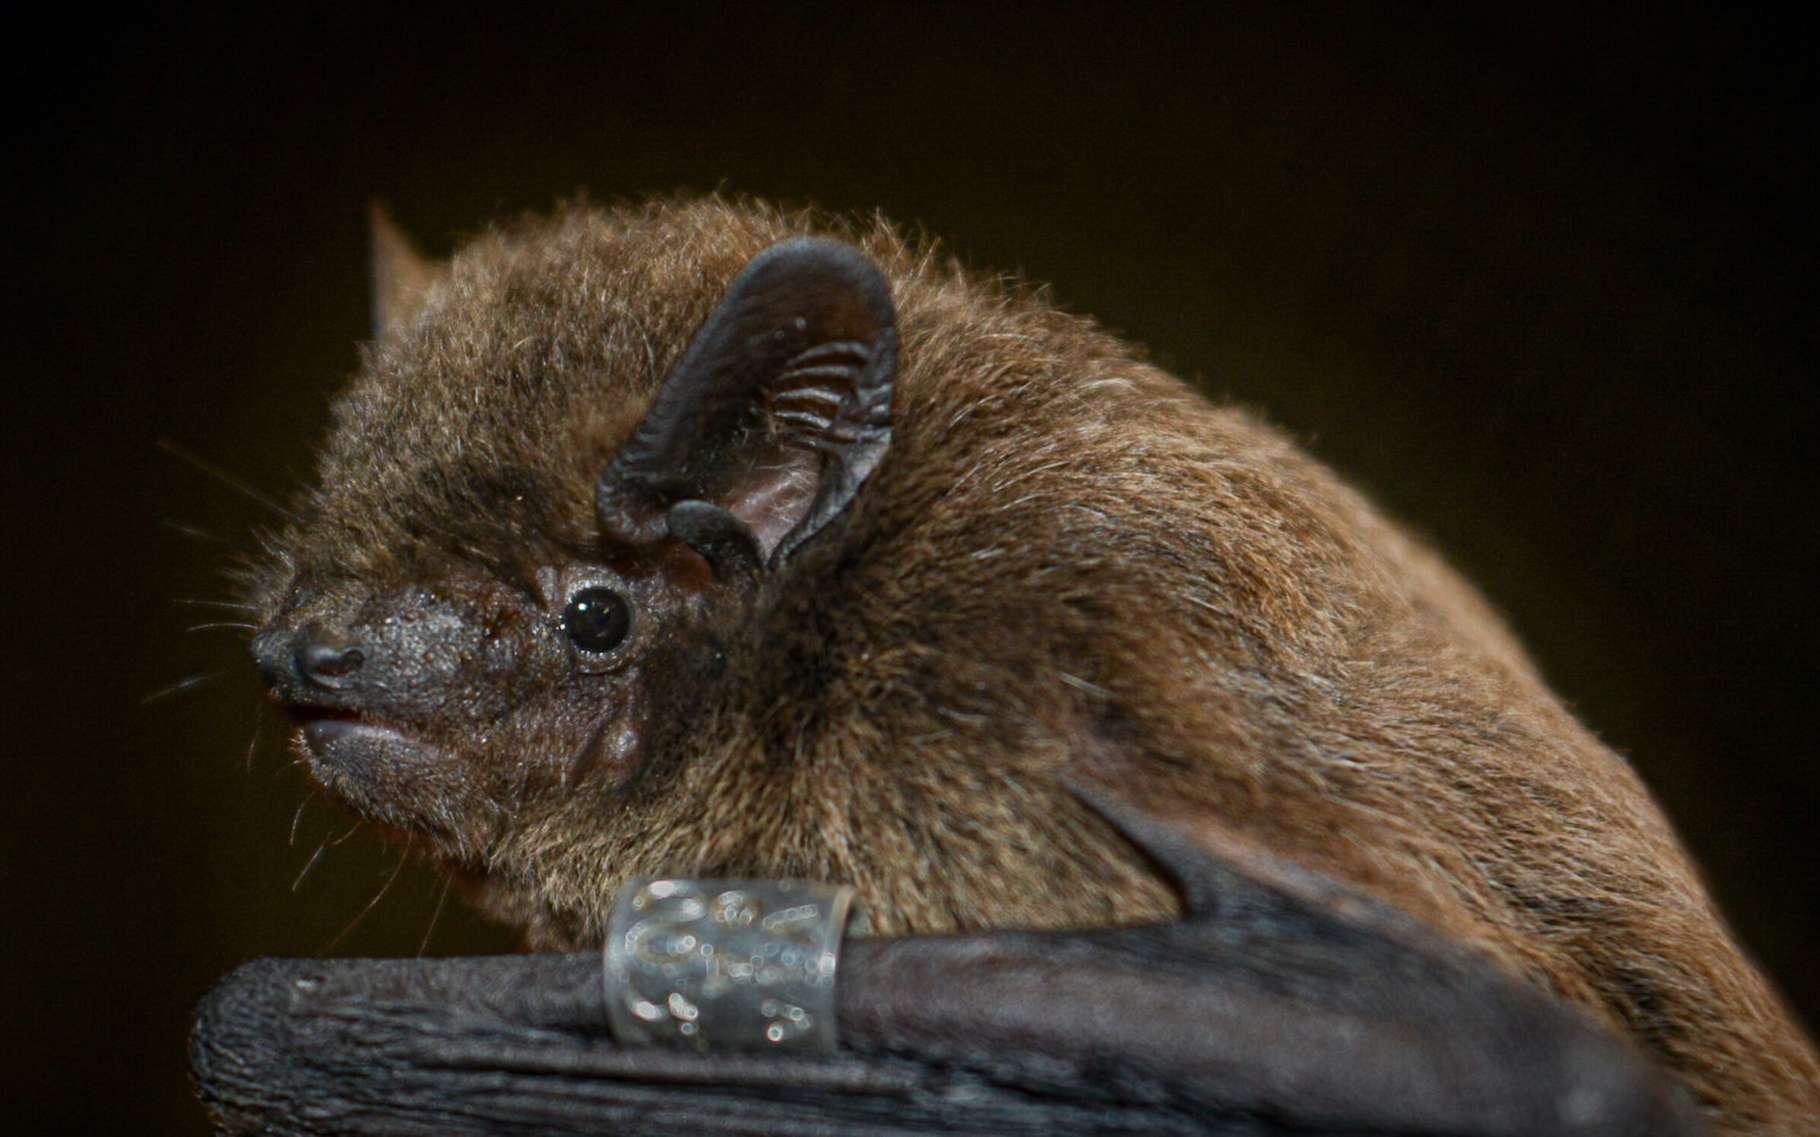 En étudiant des Pipistrelles de Nathusius, des chercheurs envisagent que leur sixième sens puisse reposer sur leur cornée. © Oliver Lindecke, Institut Leibniz pour la recherche sur la faune sauvage